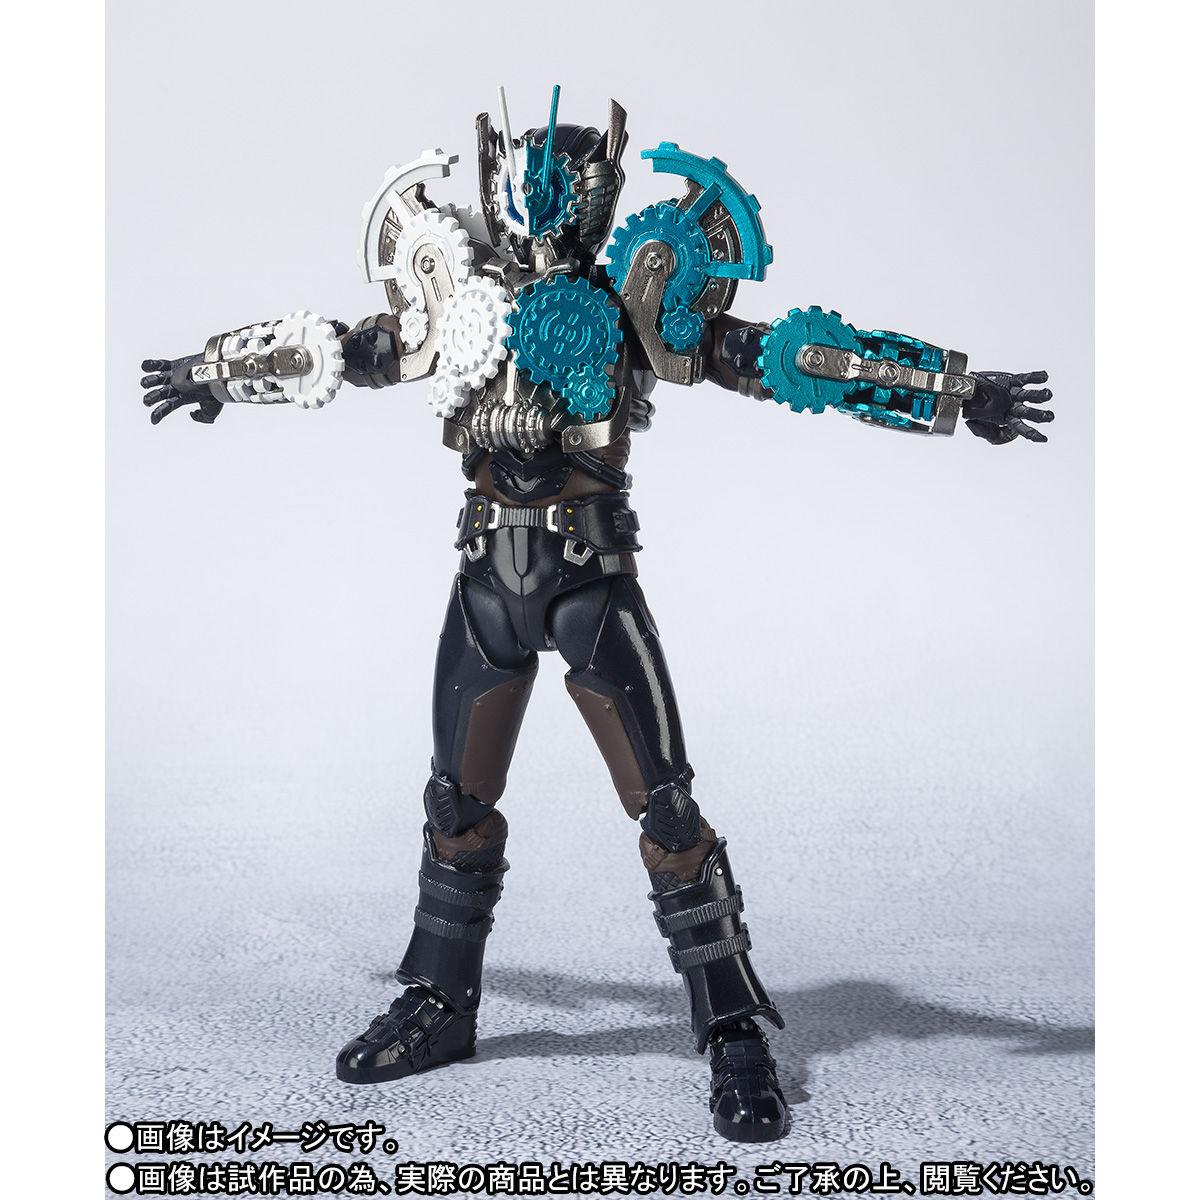 S.H.フィギュアーツ『ヘルブロス|仮面ライダービルド』可動フィギュア-004